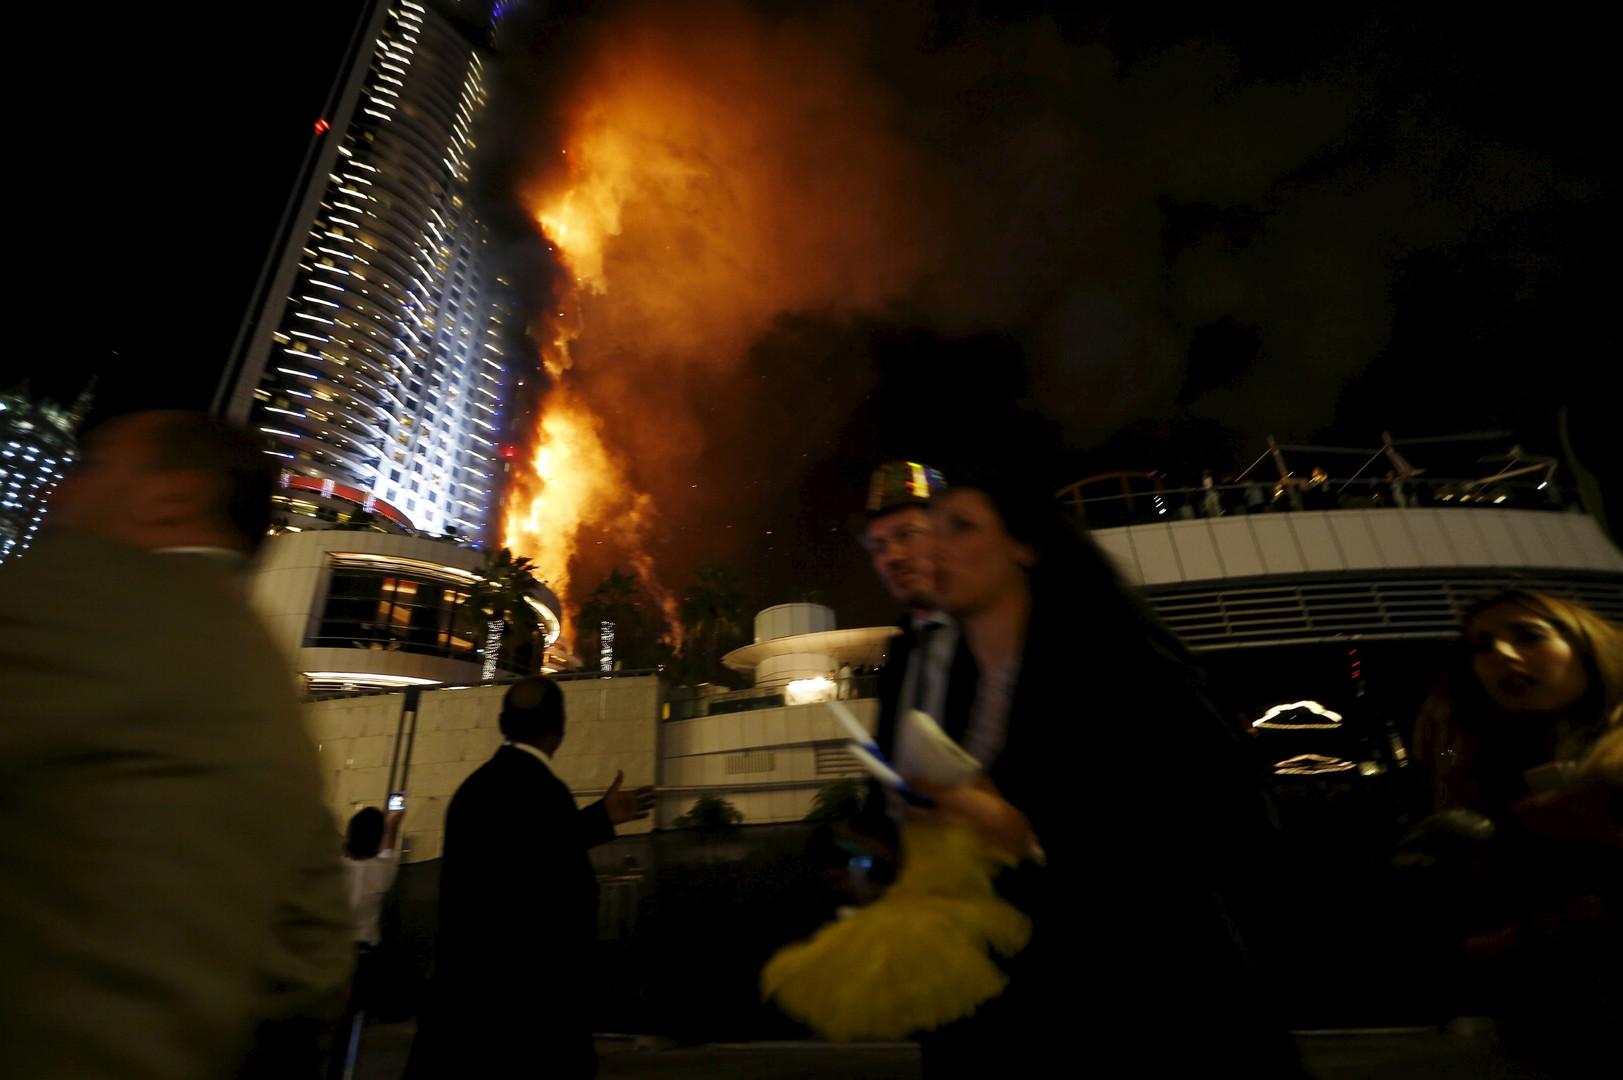 Découvrez les ravages de l'incendie qui a pris dans un hôtel de luxe de 63 étages à Dubaï (PHOTOS)